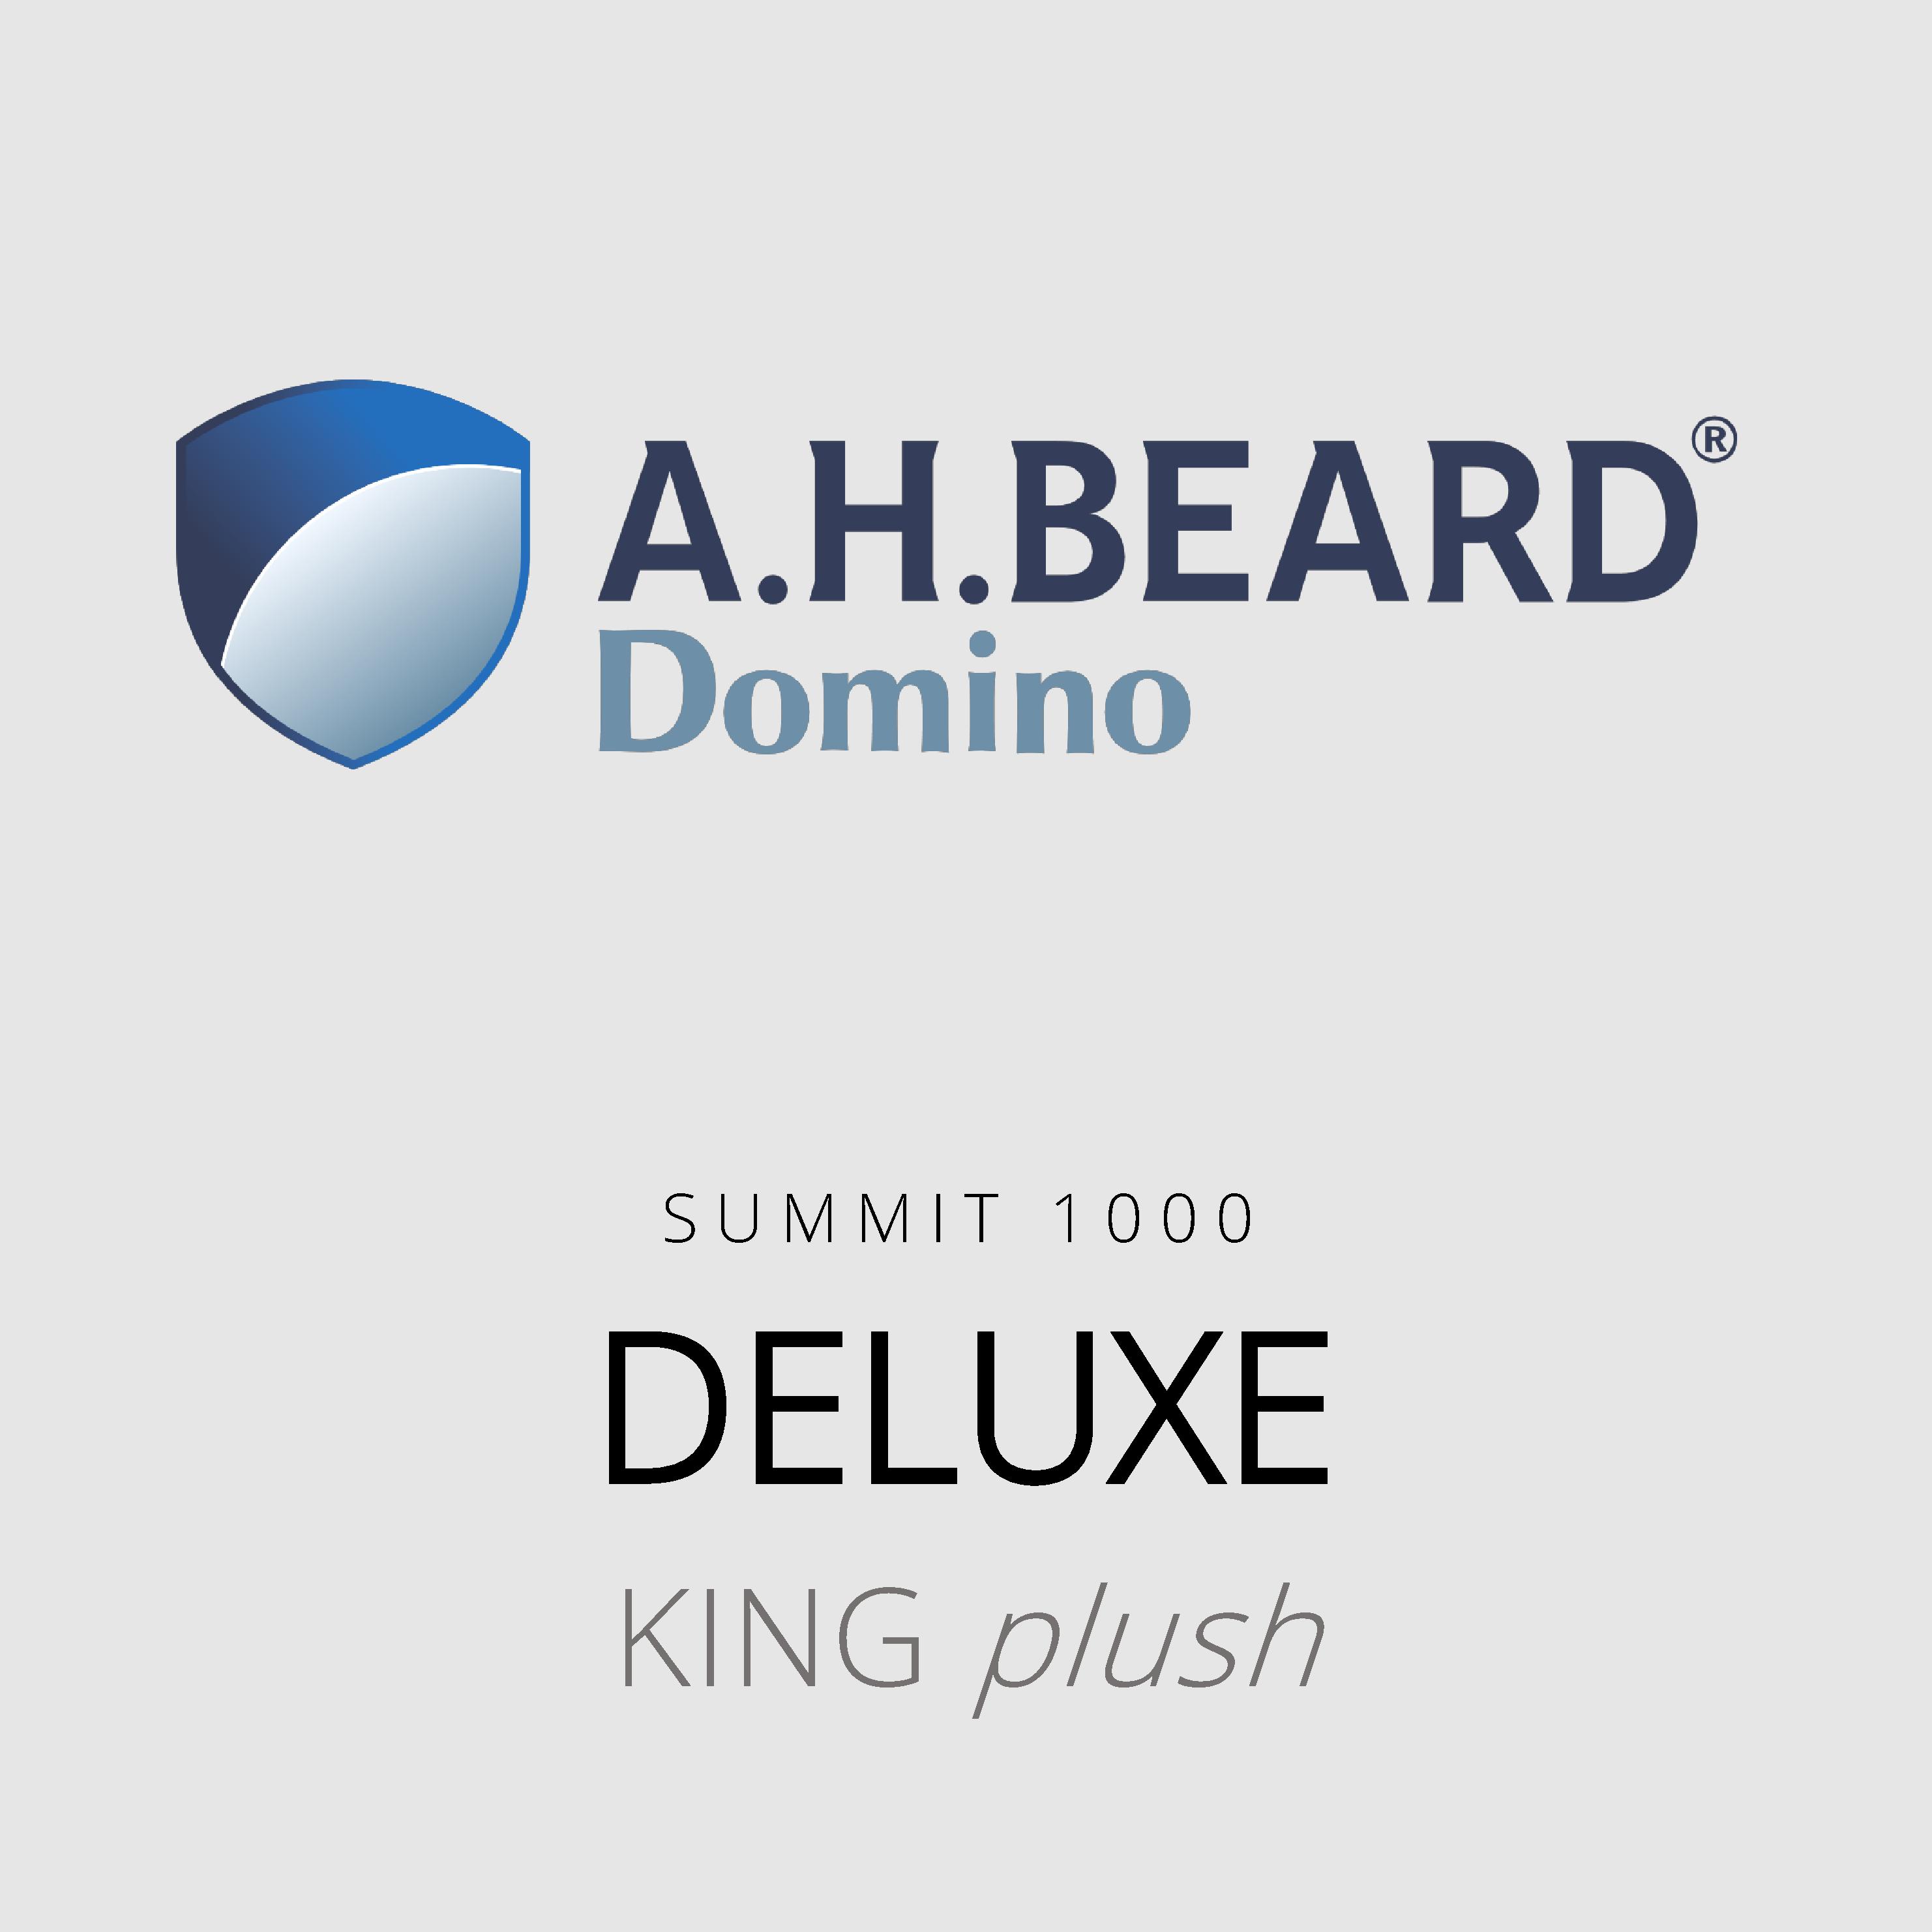 AH Beard Domino – Deluxe – Summit 1000 – King Plush Mattress